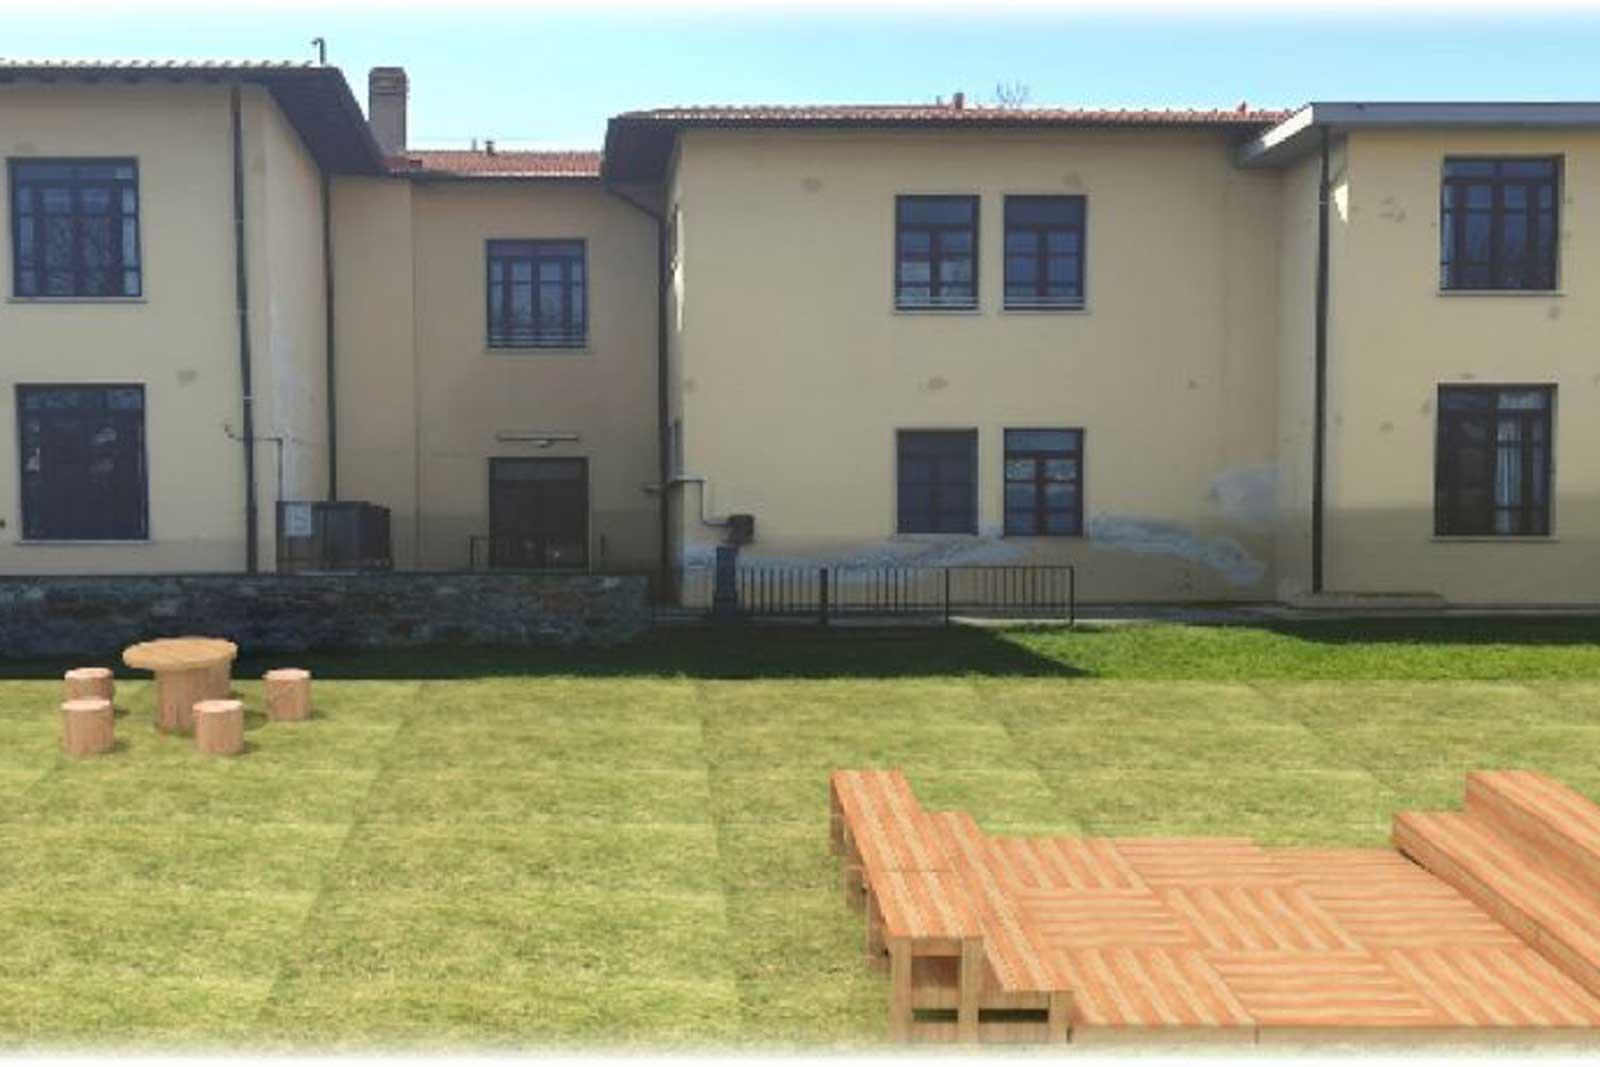 A Firenze la lezione si fa all'aperto nei giardini